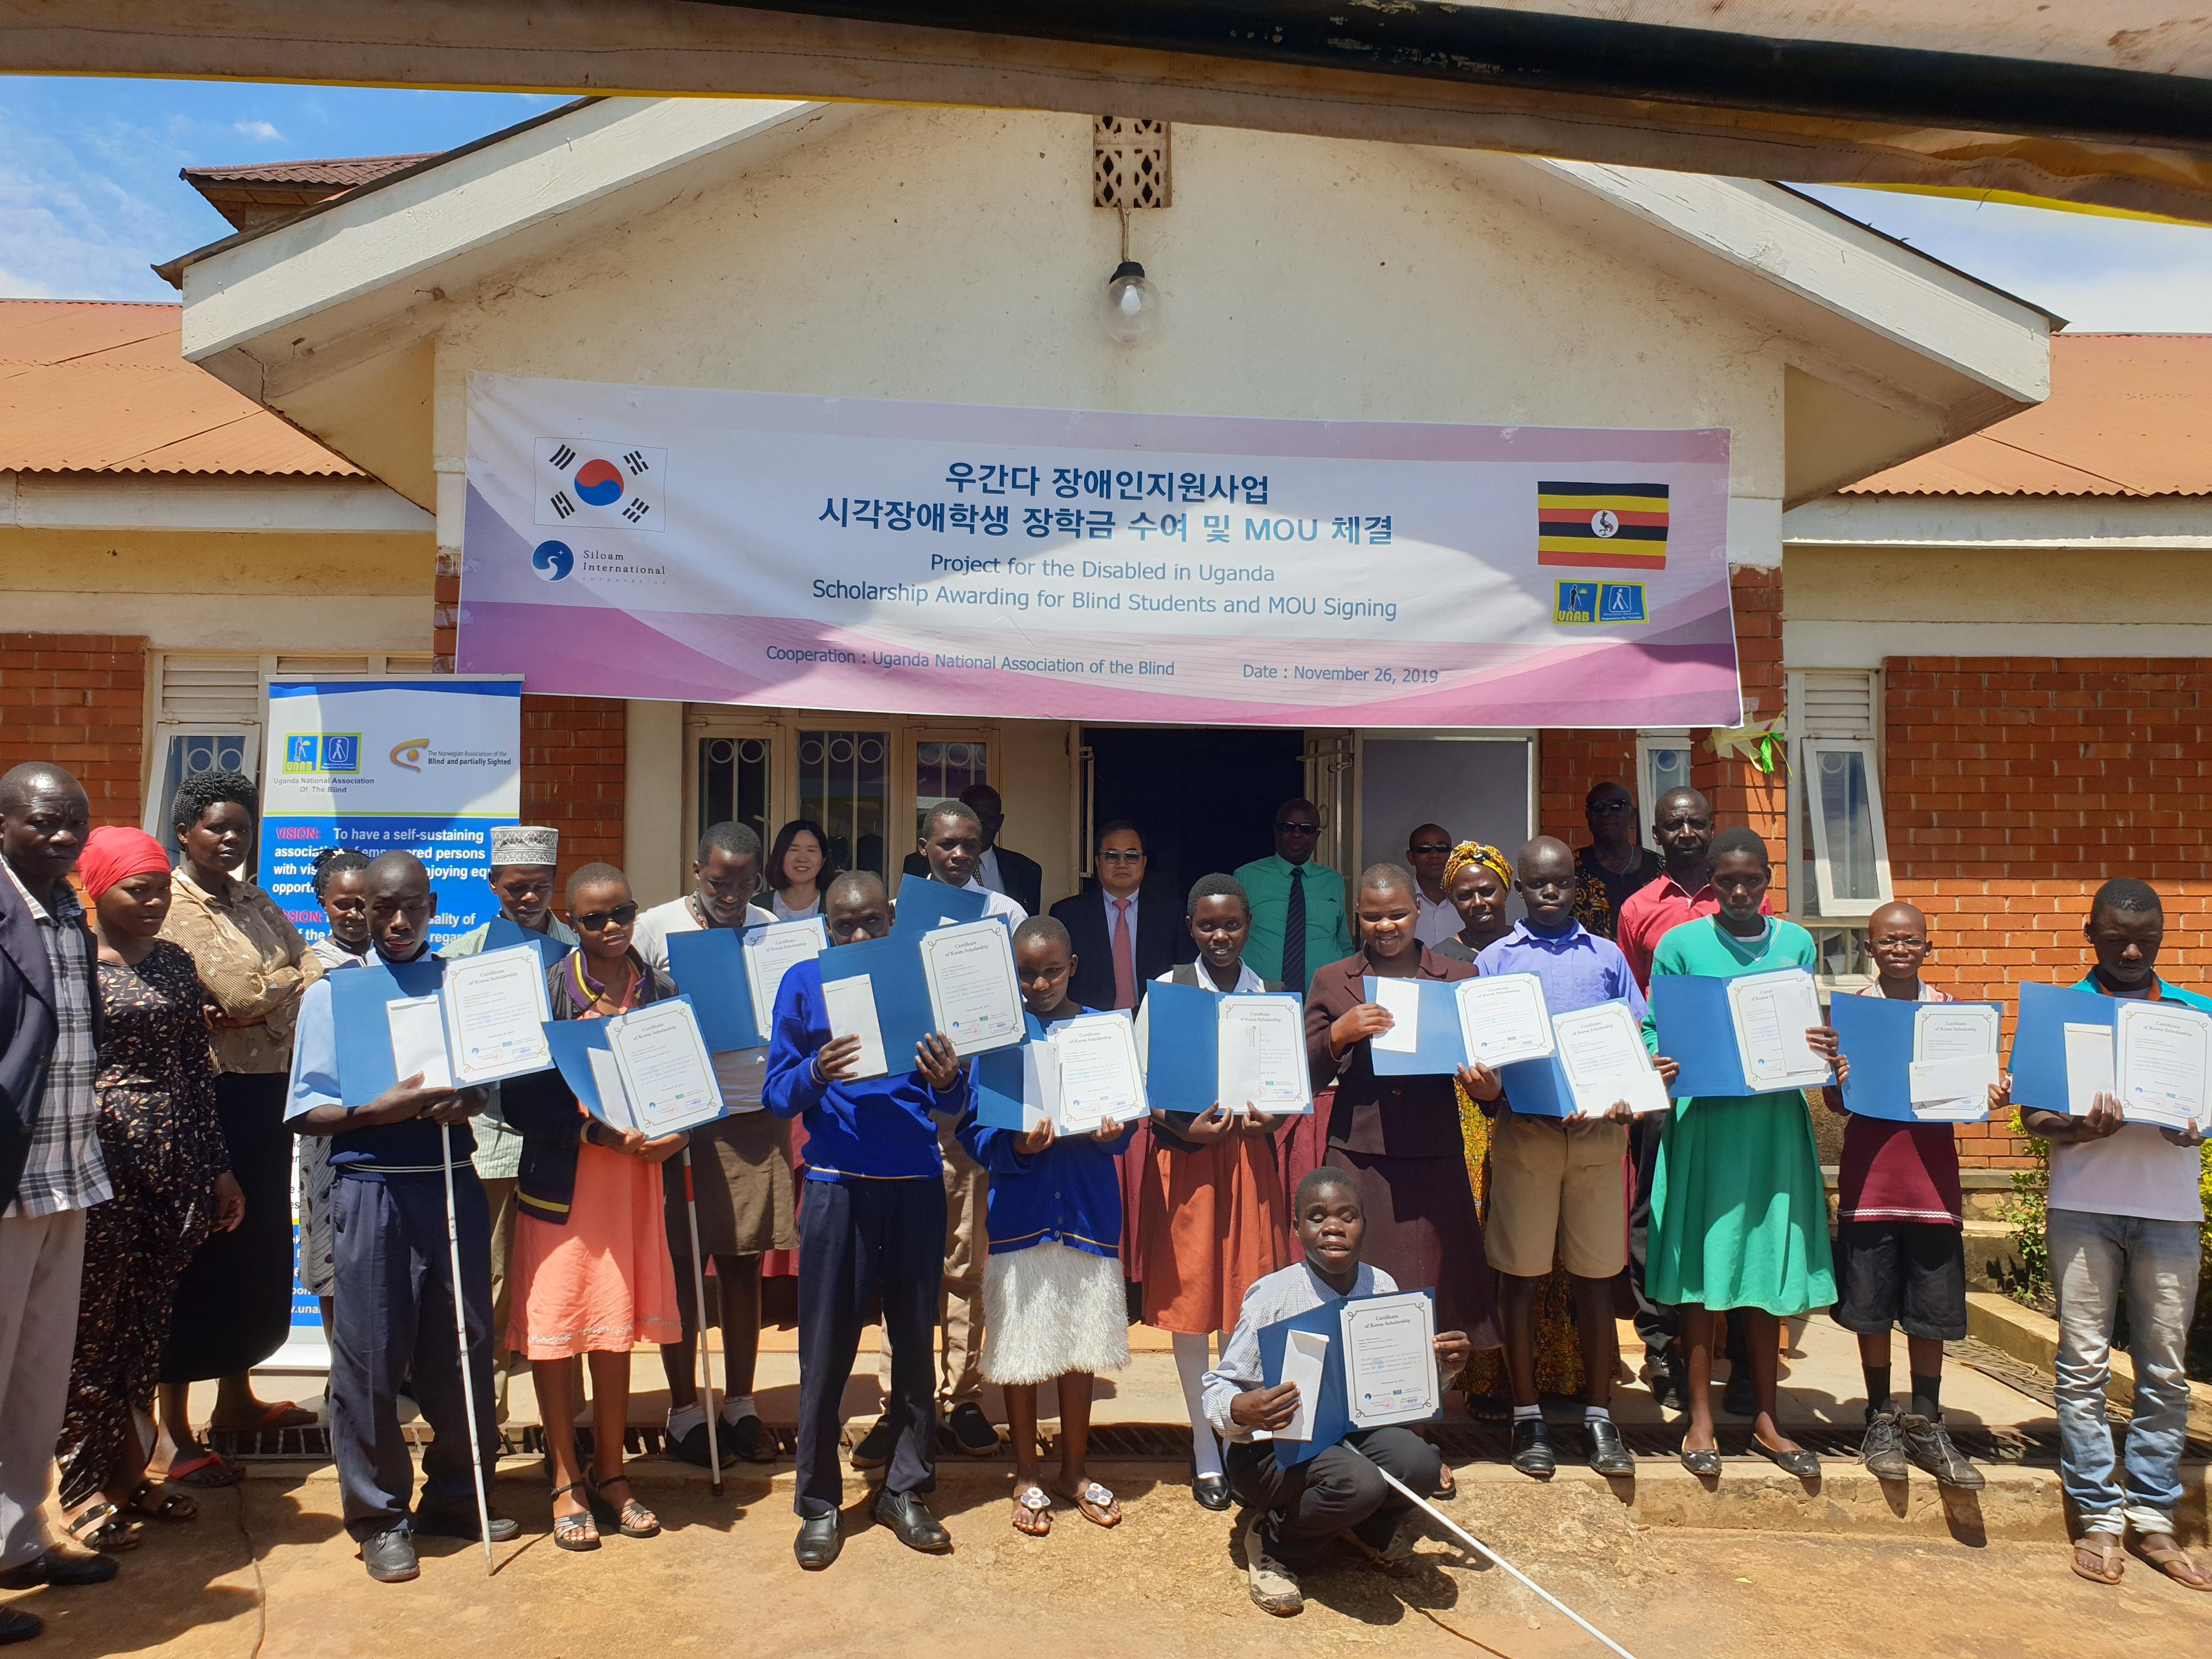 우간다 시각장애학생 장학금 수여 및 점자교과서 지원 사업 MOU 체결 썸네일